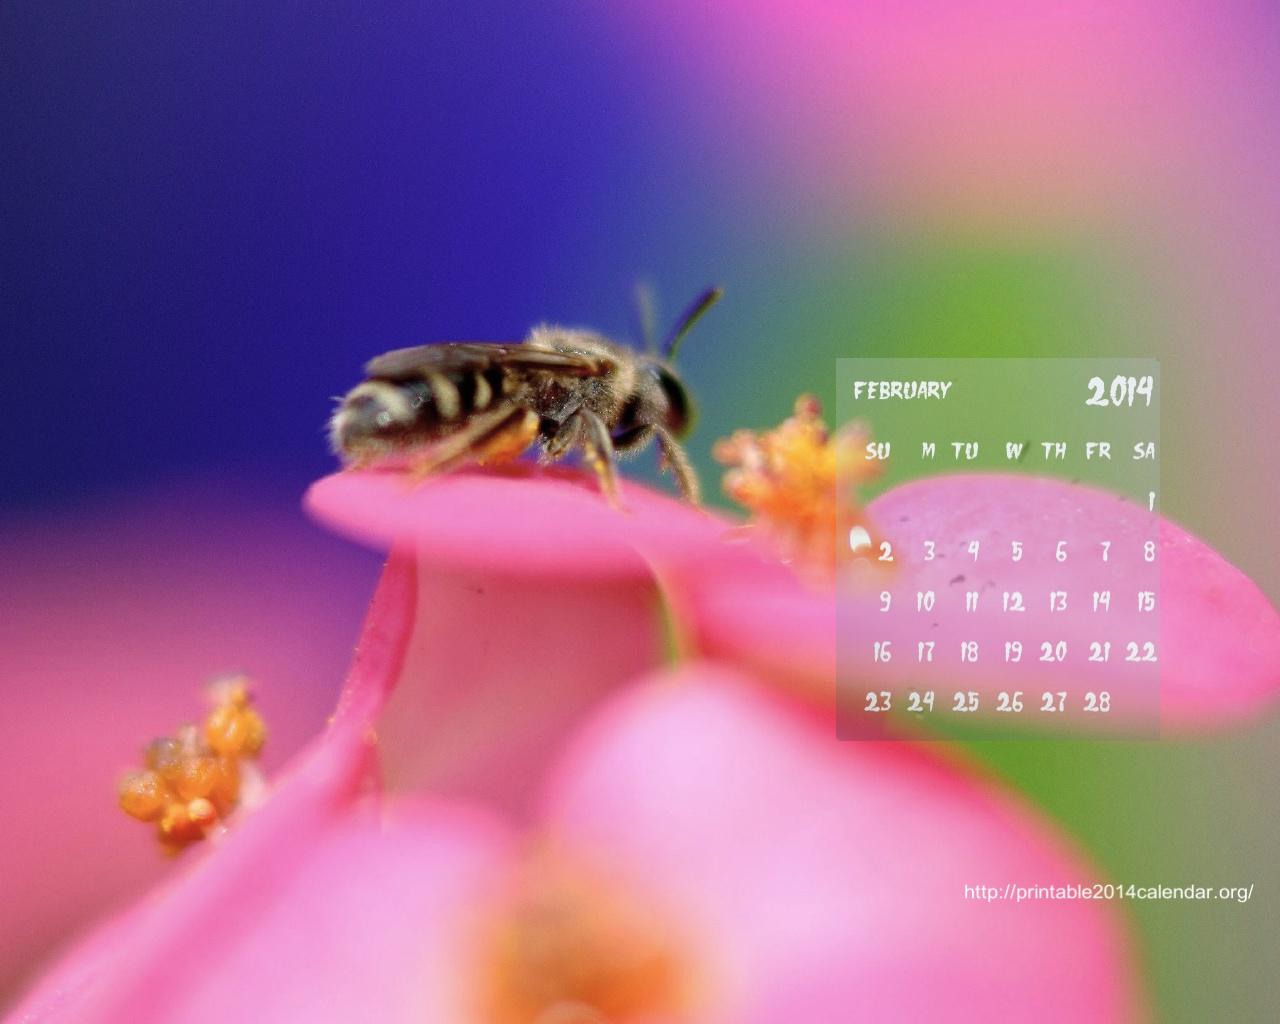 Best February 2014 Desktop Wallpaper Calendars   CreativeCrunk 1280x1024